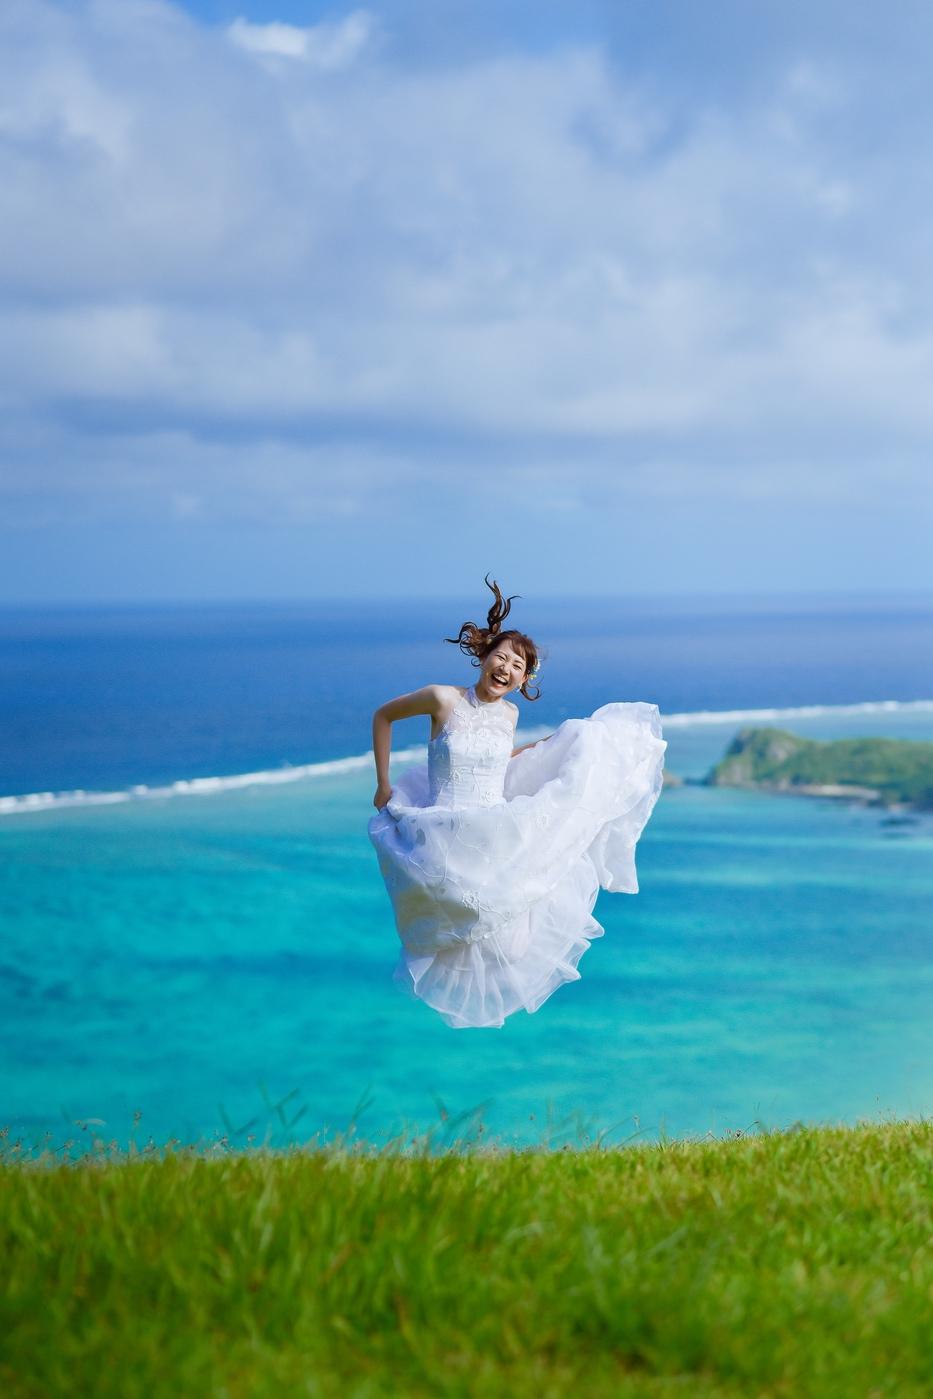 花嫁ジャンプ!